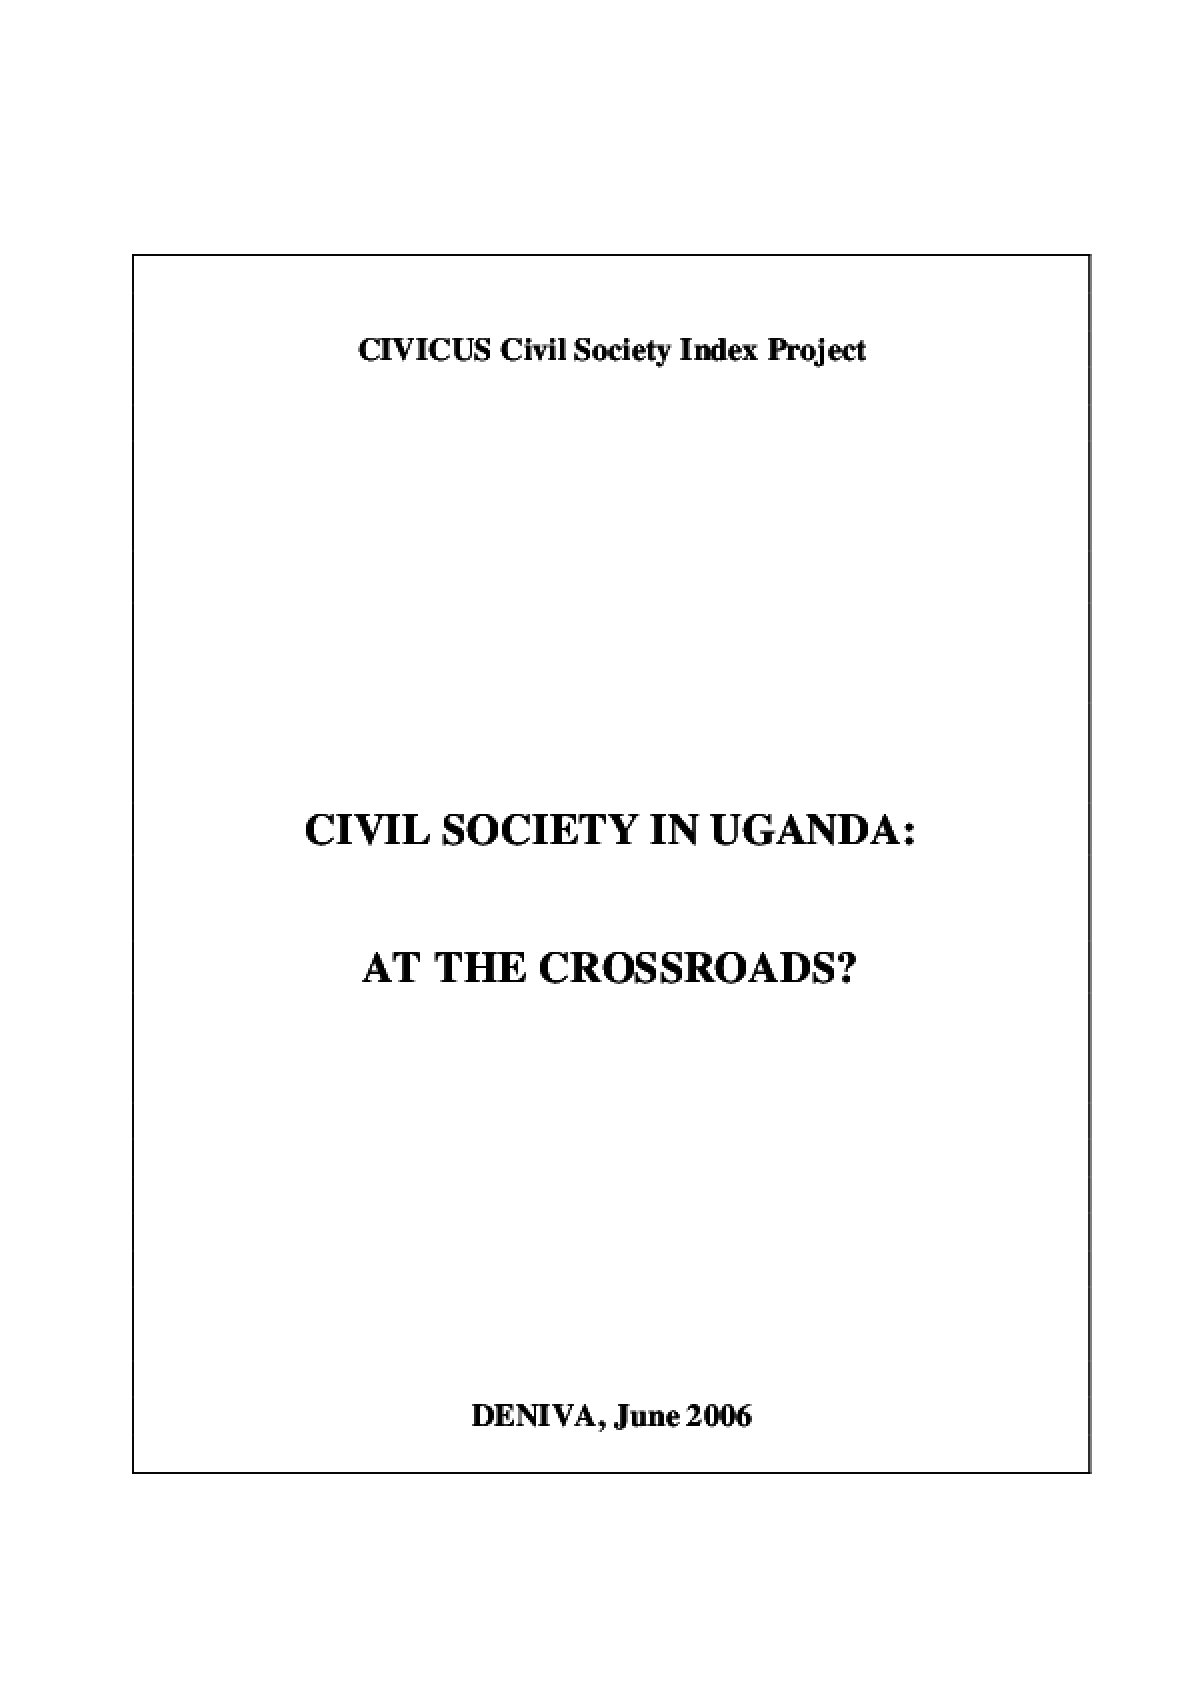 Civil Society in Uganda: At the Crossroads?